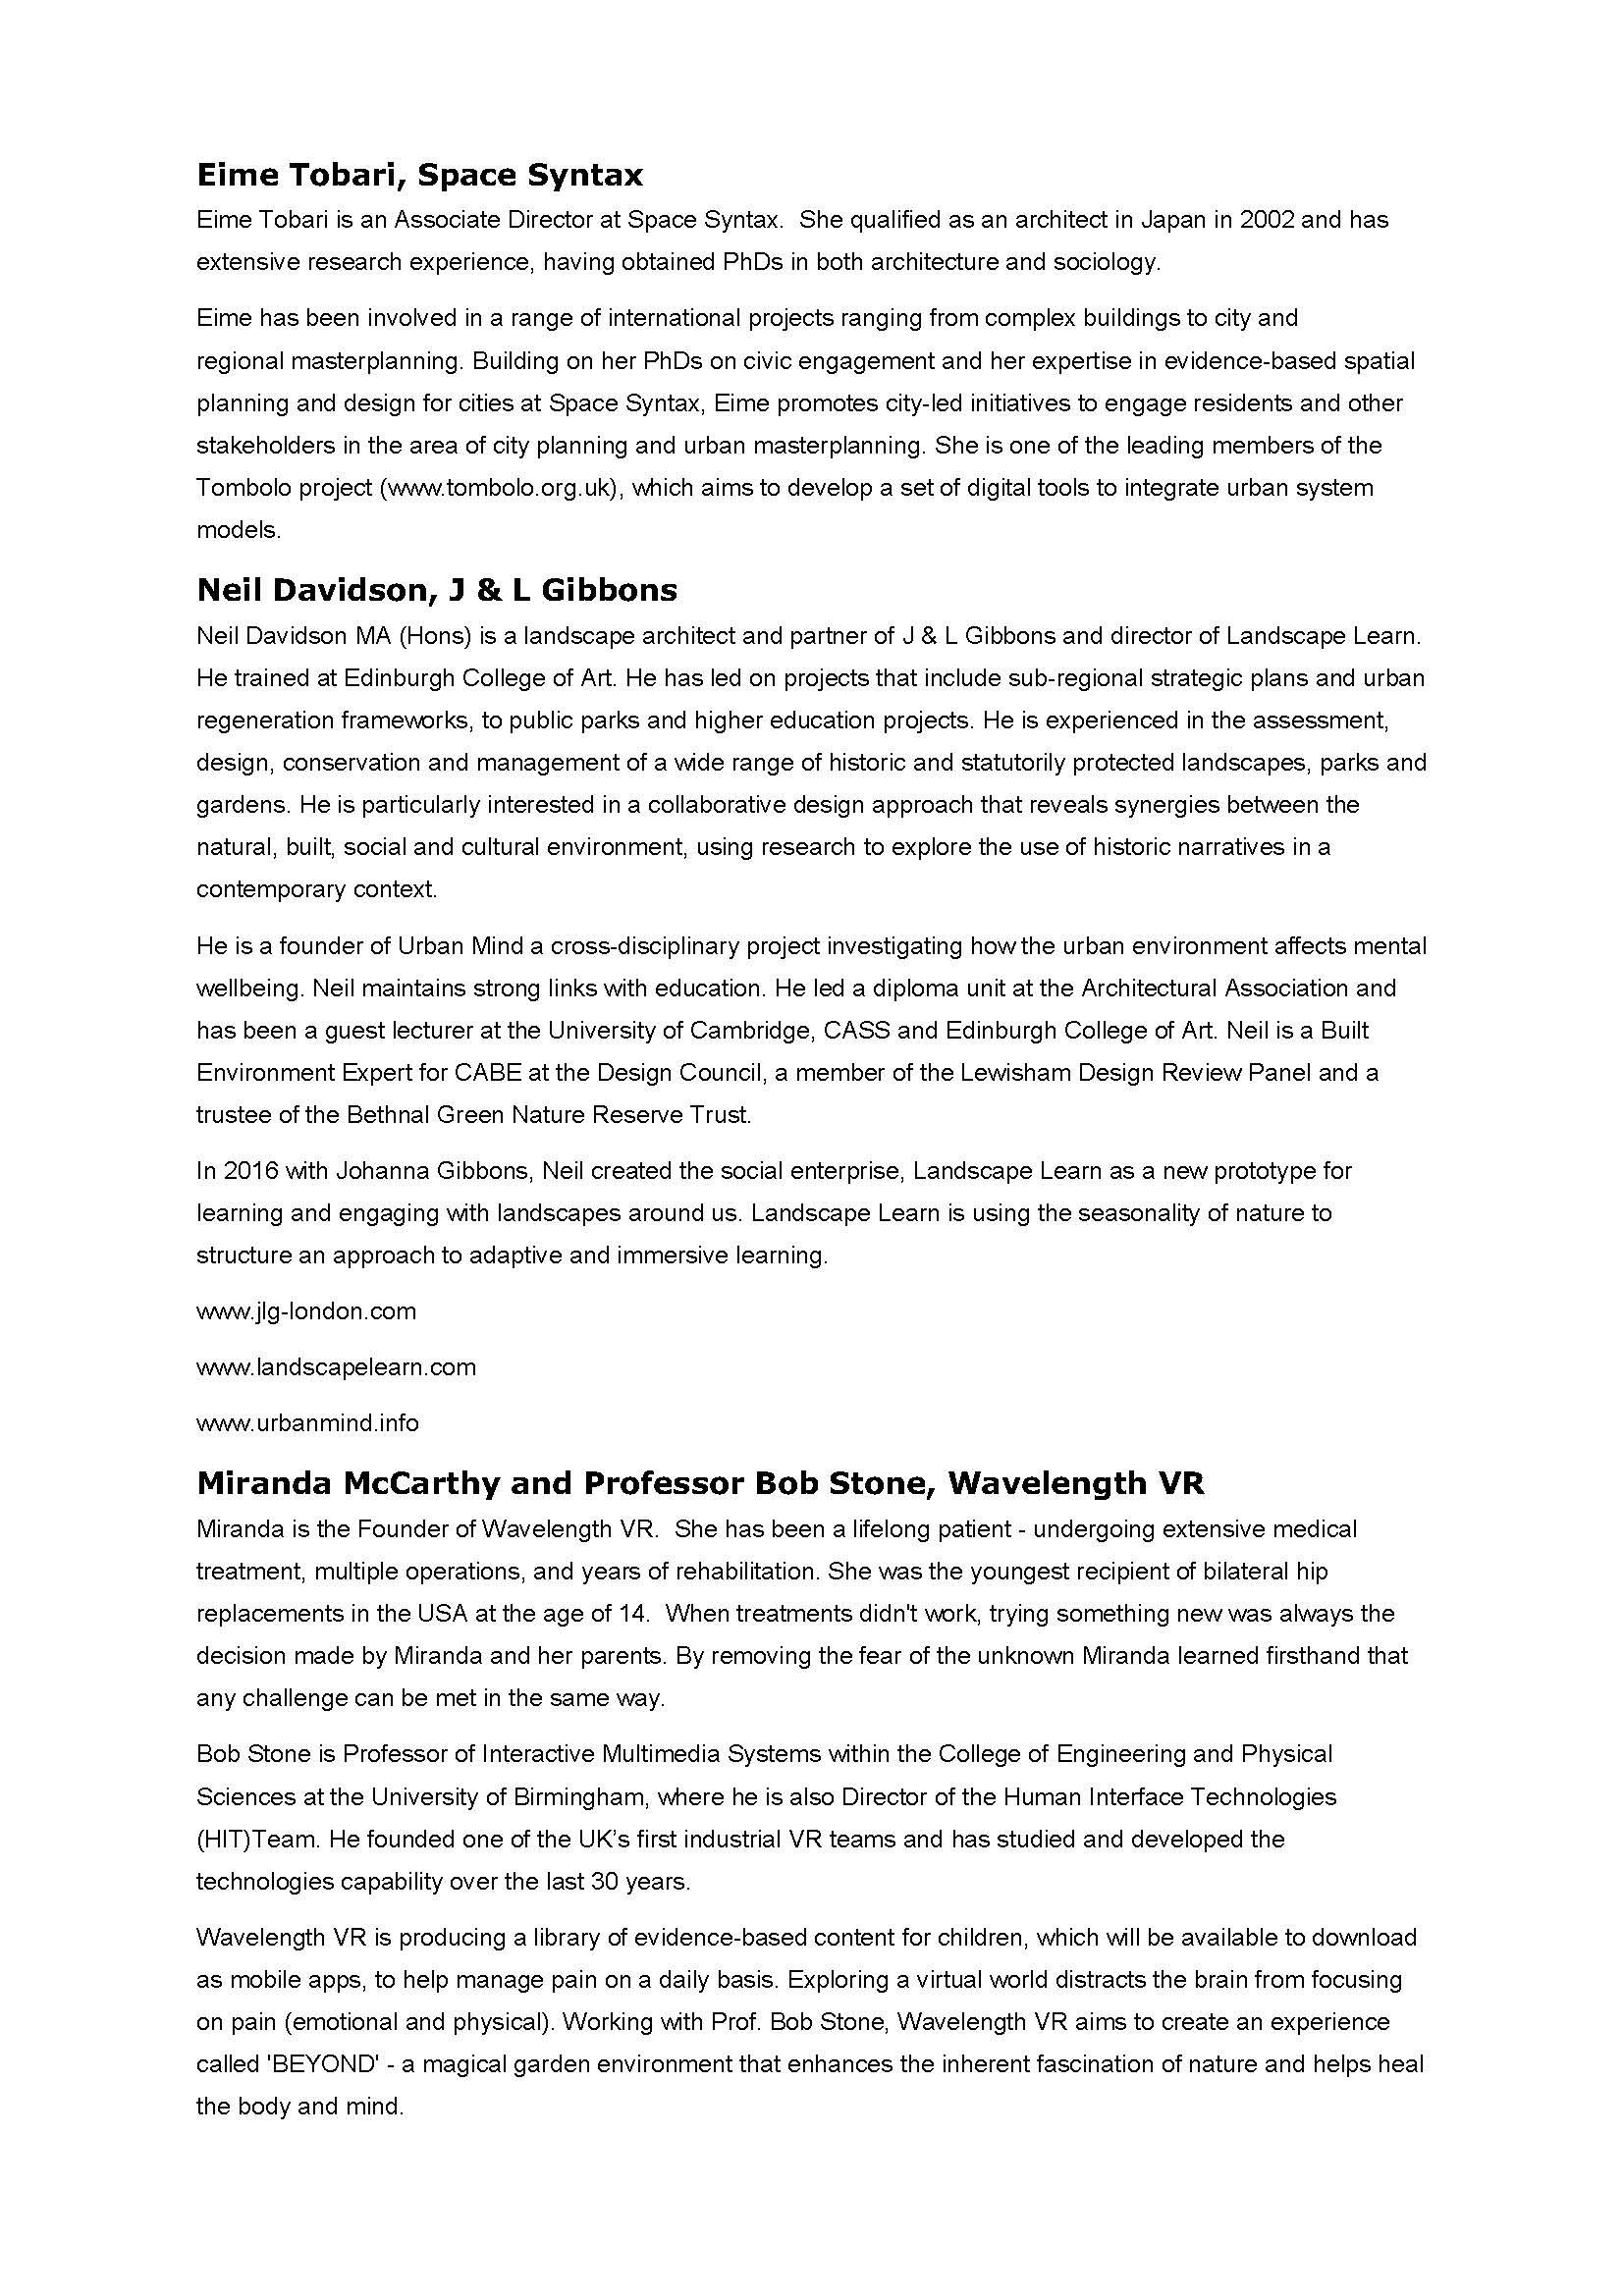 Digital Placemaking_Bio page 2